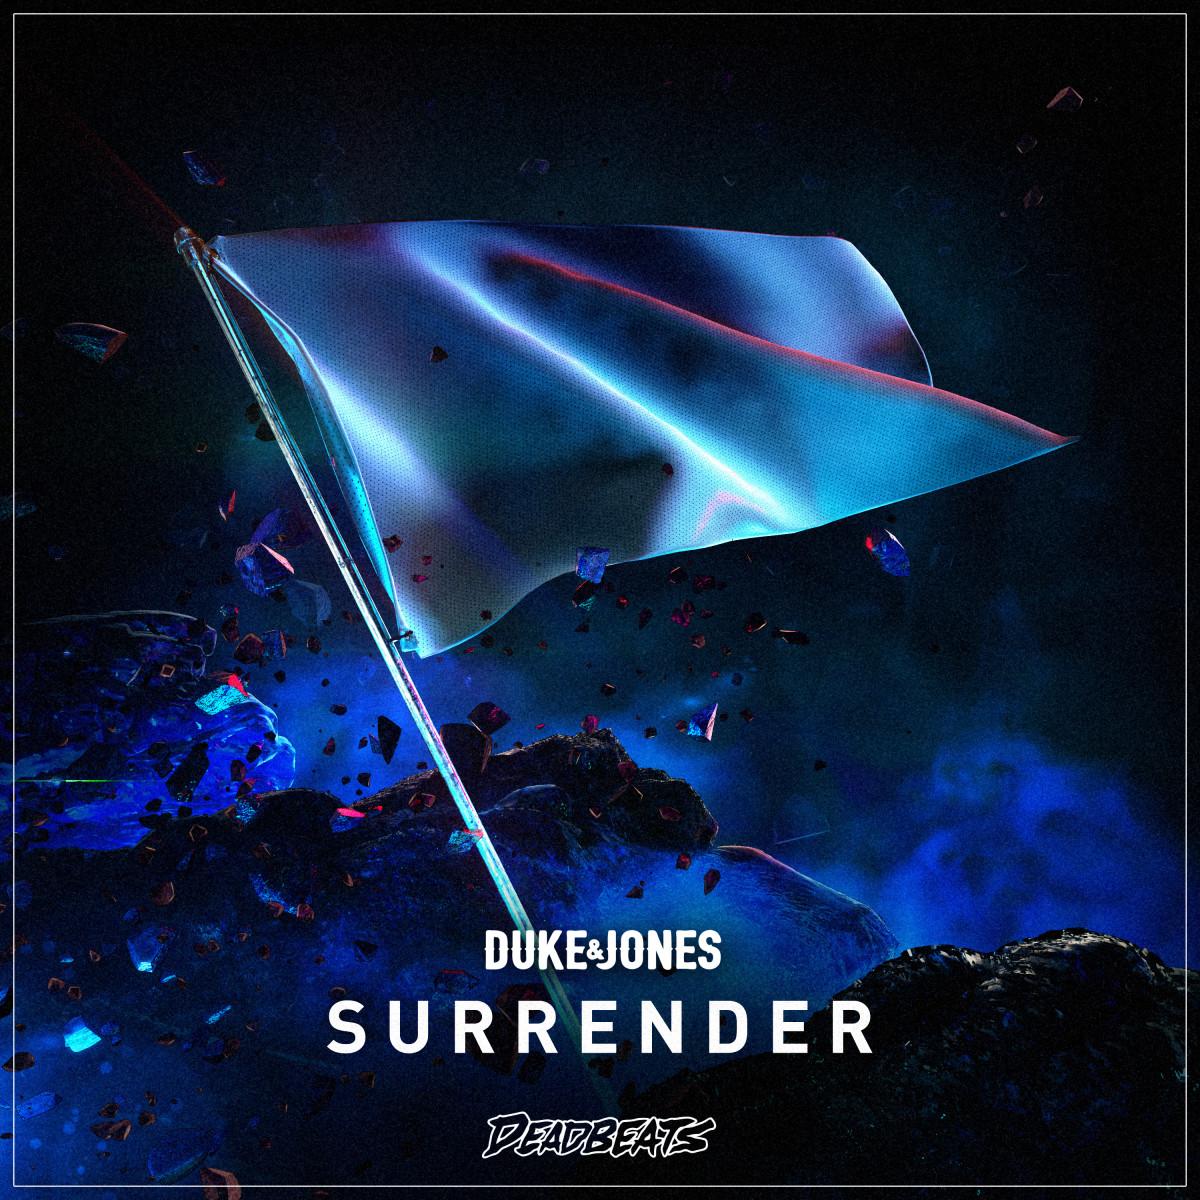 Duke & Jones - Surrender (Cover Art) -- Deadbeats Release